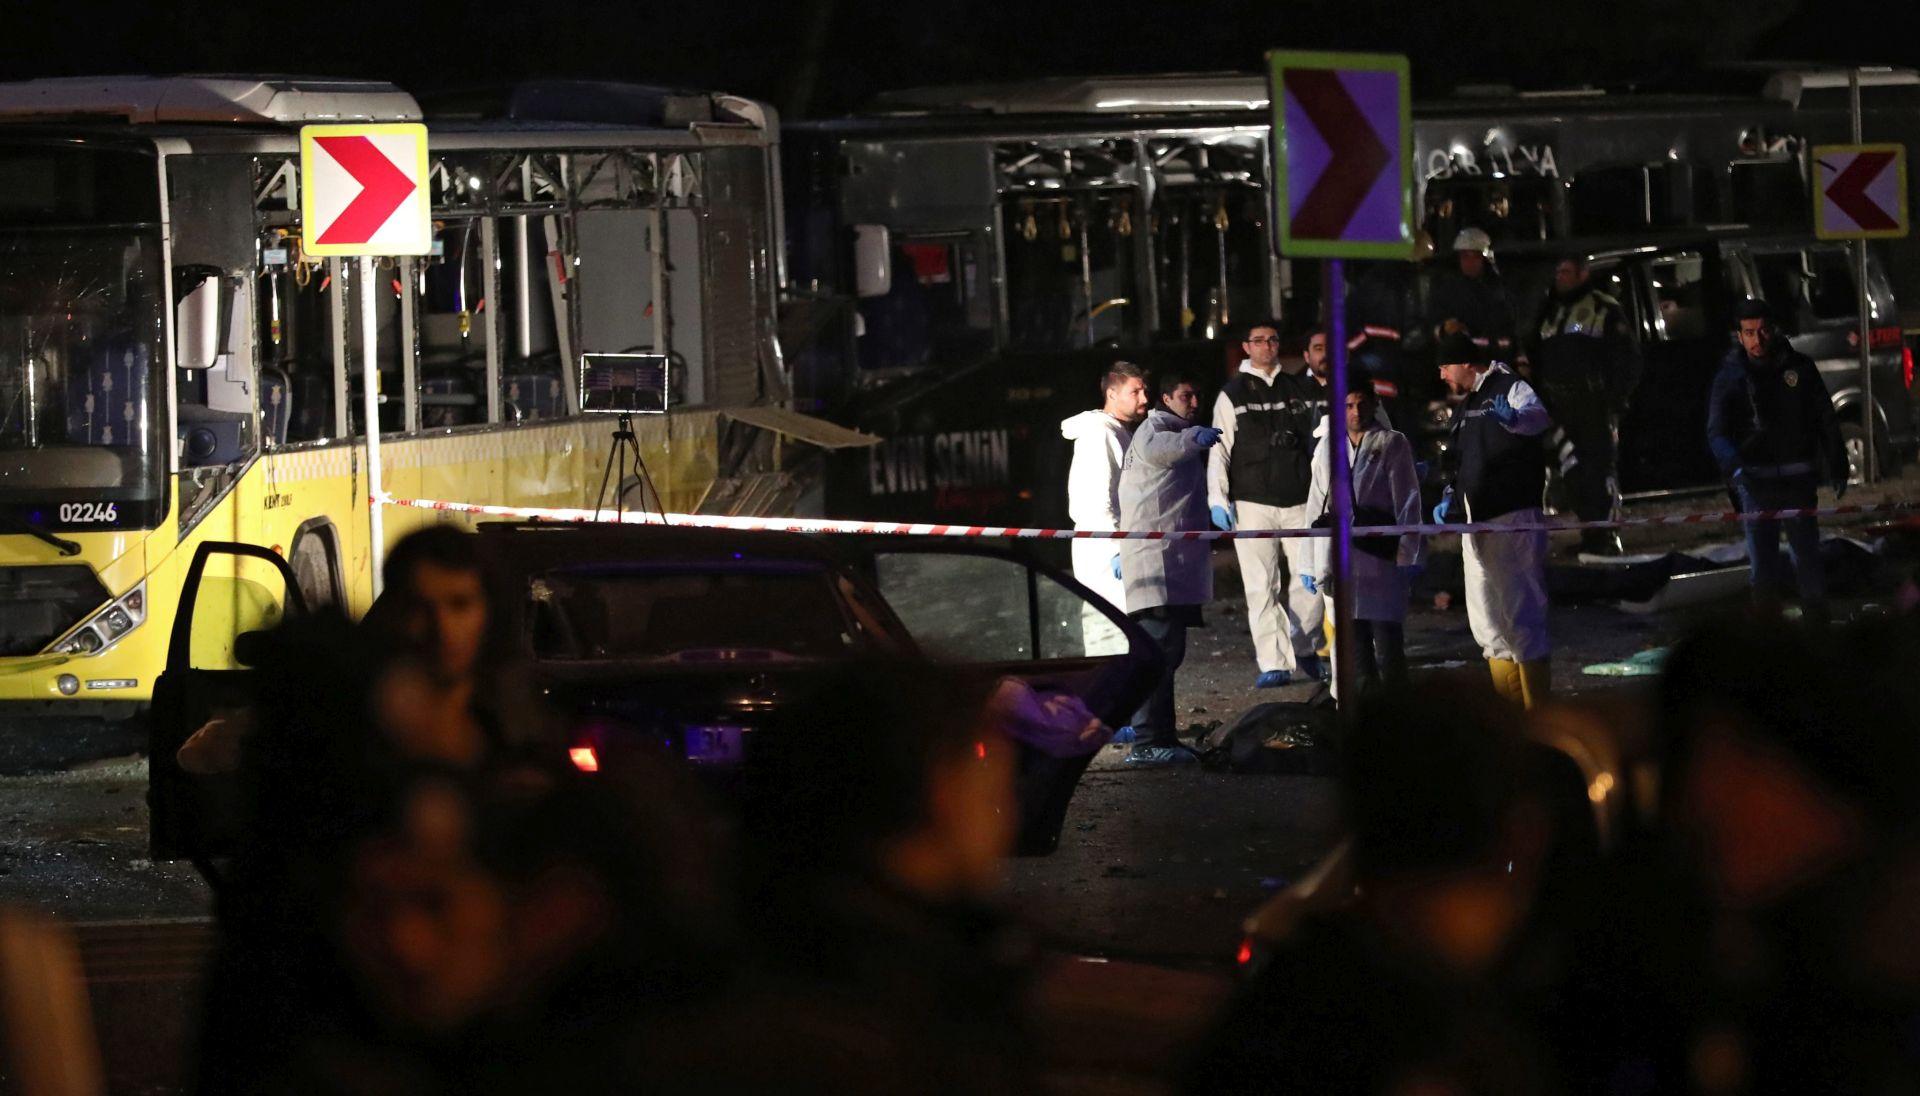 PROGLAŠEN DAN ŽALOSTI U bombaškim napadima u Istanbulu ubijeno 38 osoba, više od 150 ranjeno